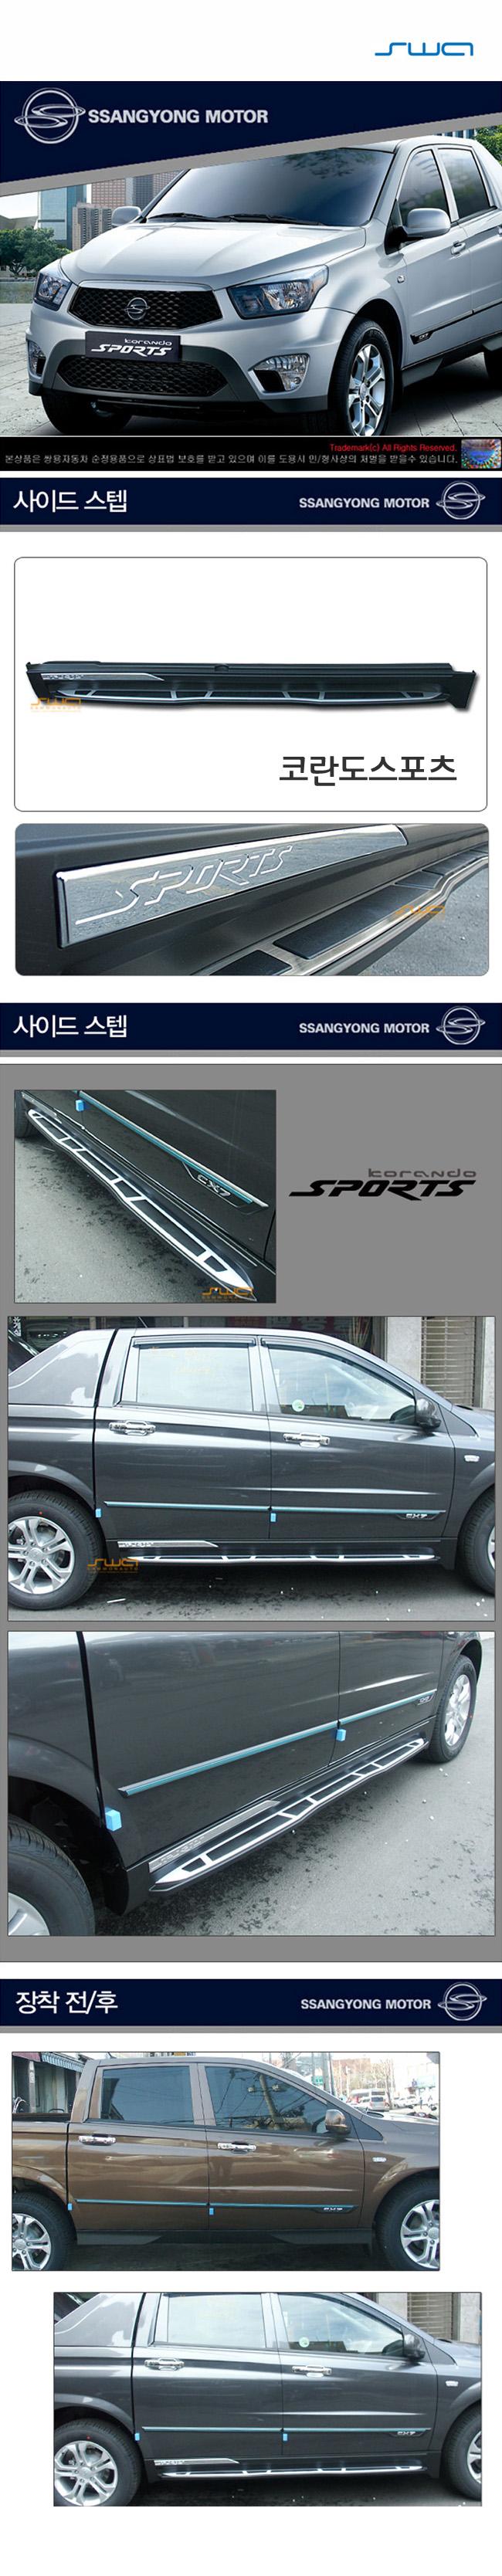 [SWA] 쌍용자동차 순정 X5타입 사이드스텝, 옆발판 - 코란도스포츠